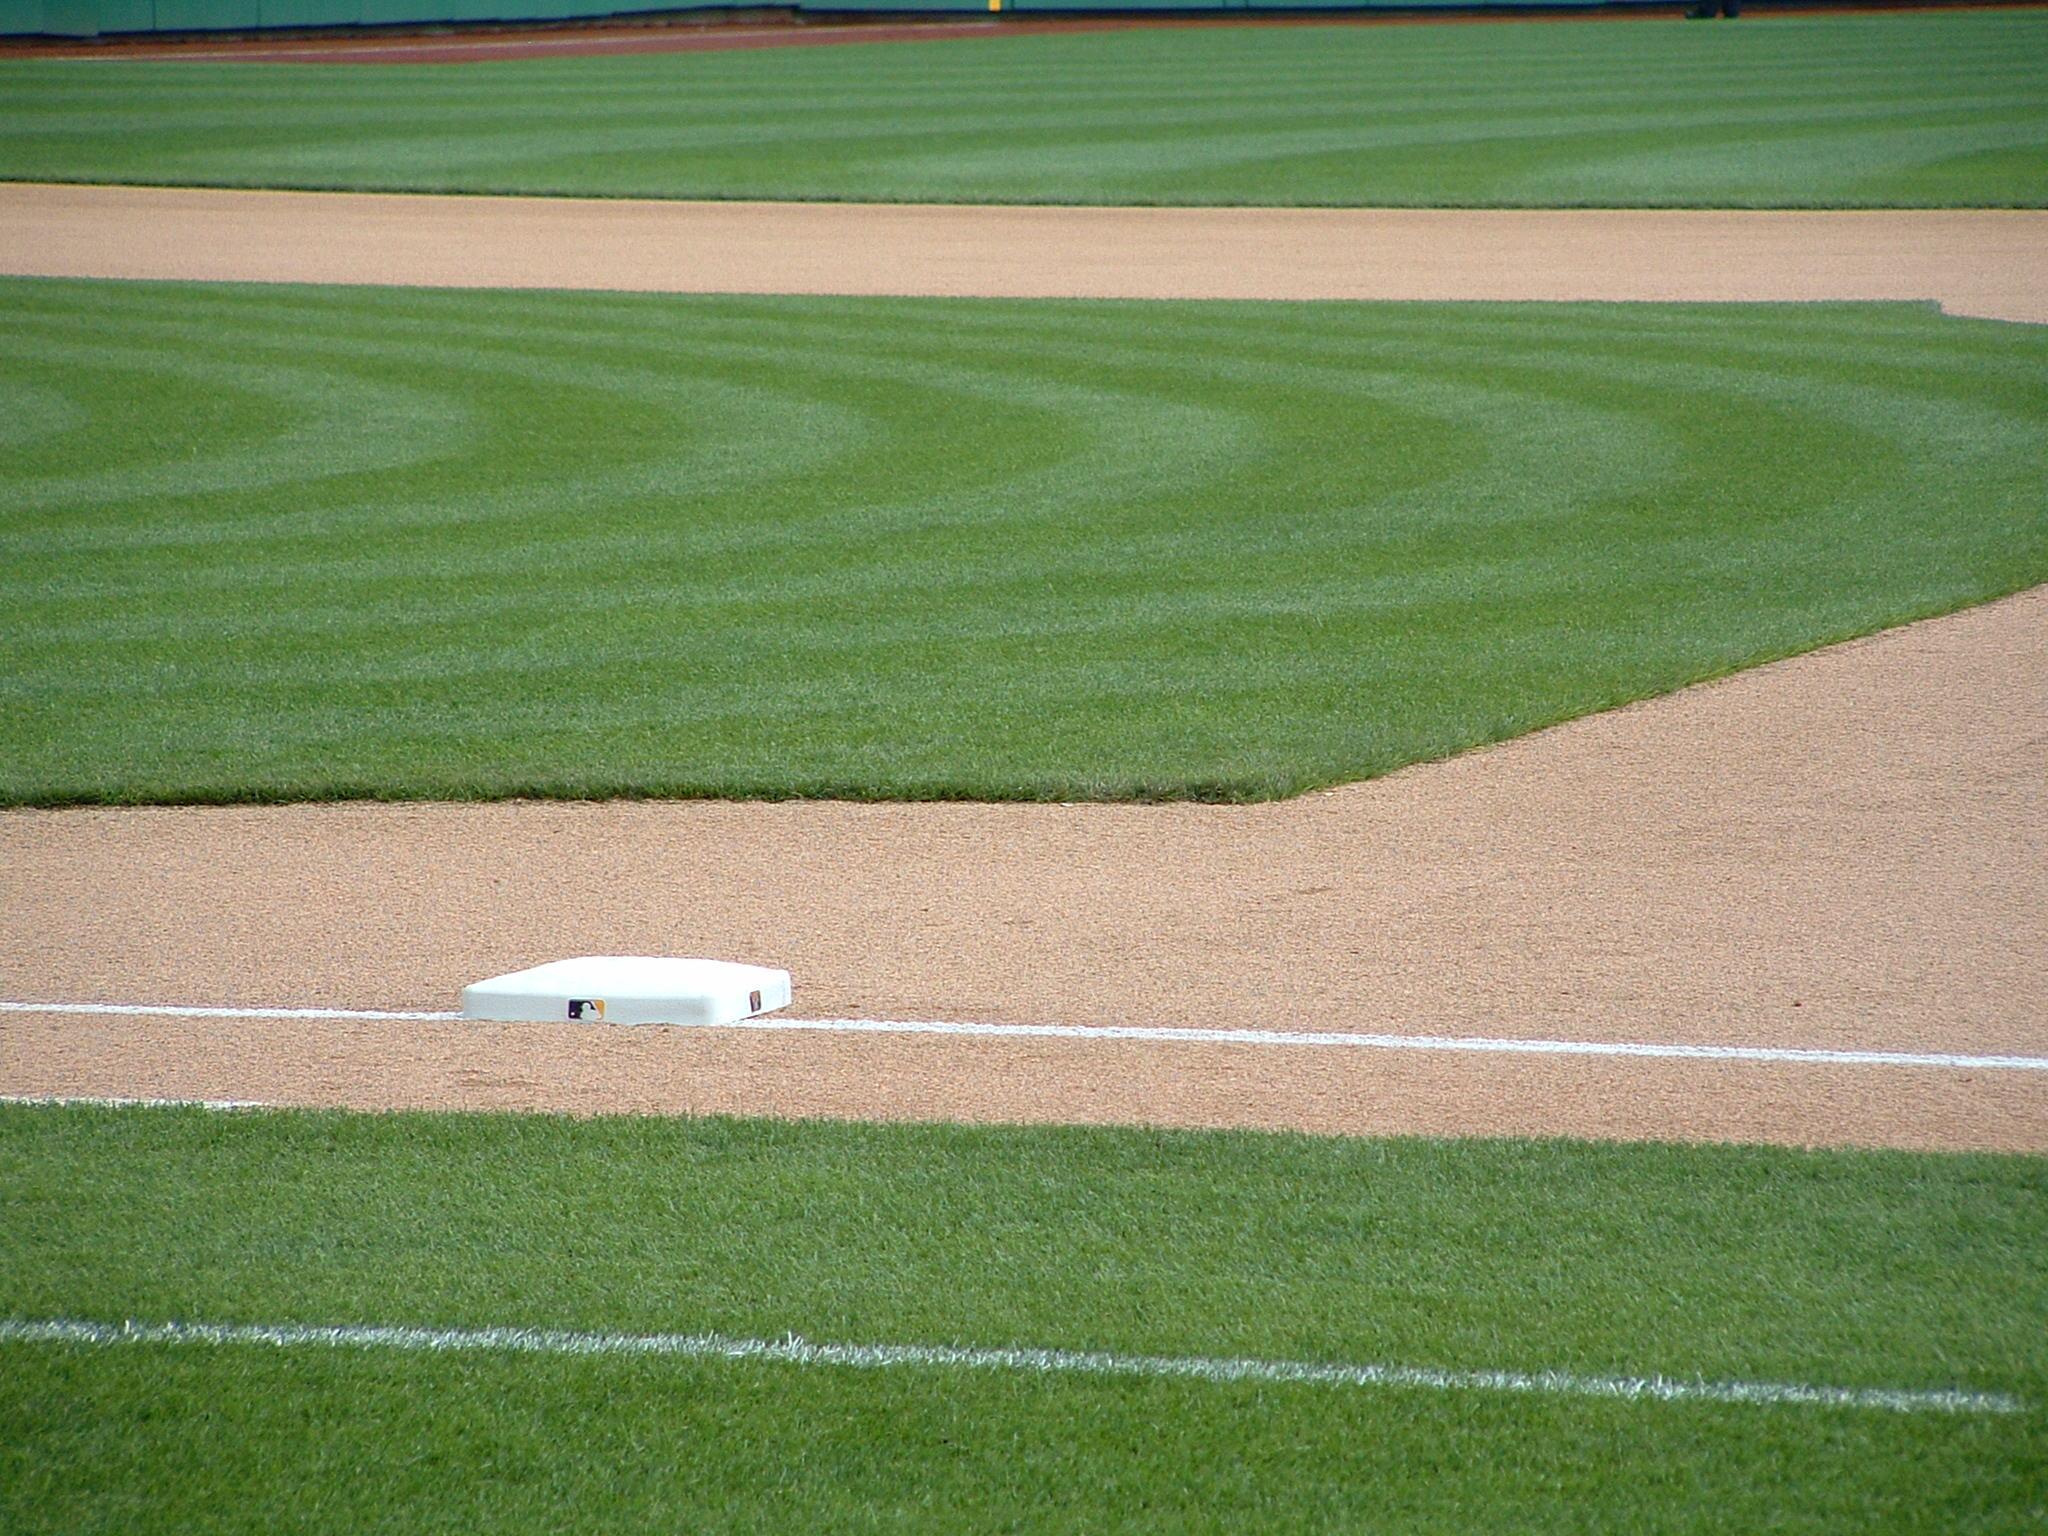 Baseball Field Grass Wallpaper Baseball field 2048x1536